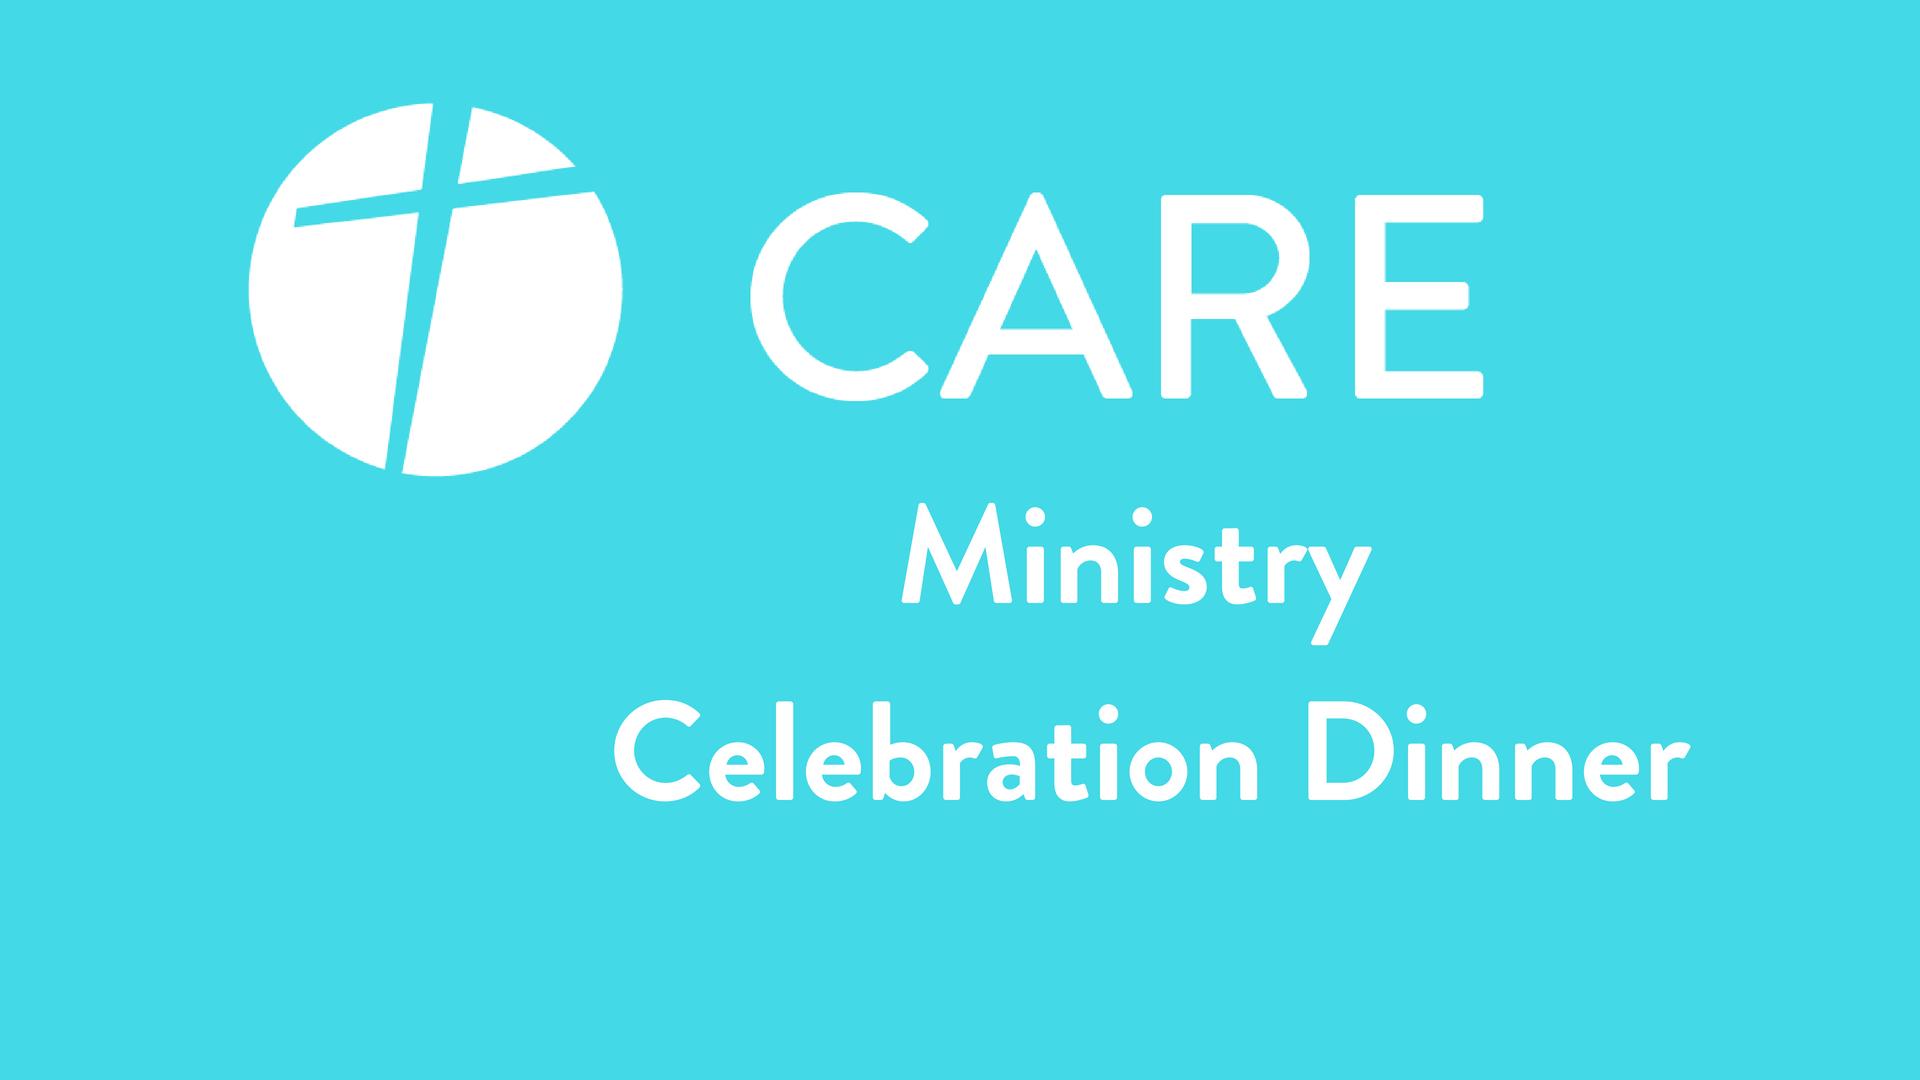 Ministry celebrationdinner